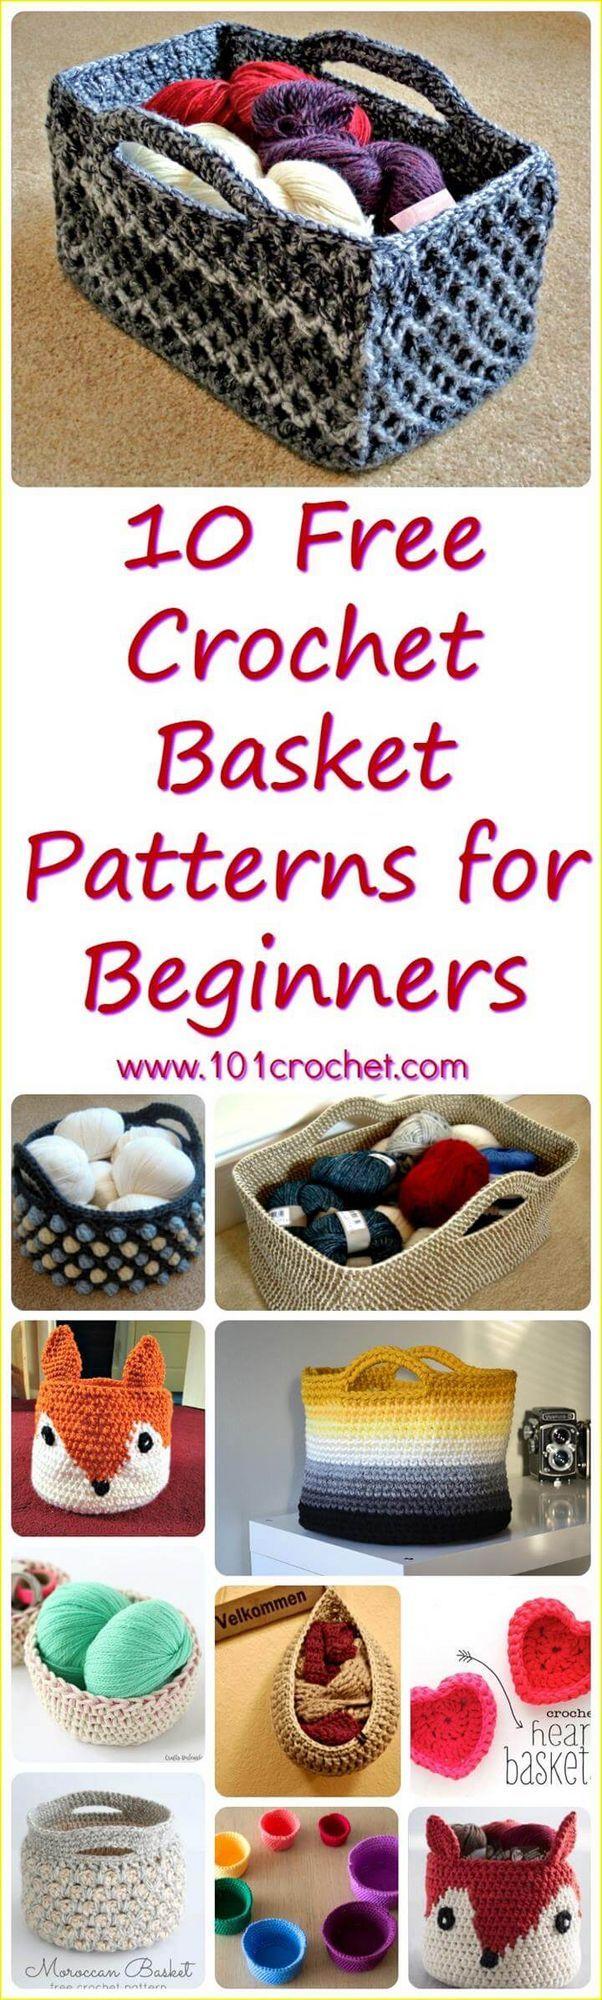 10 padrões de cesta de crochê grátis para iniciantes (101 Crochet)